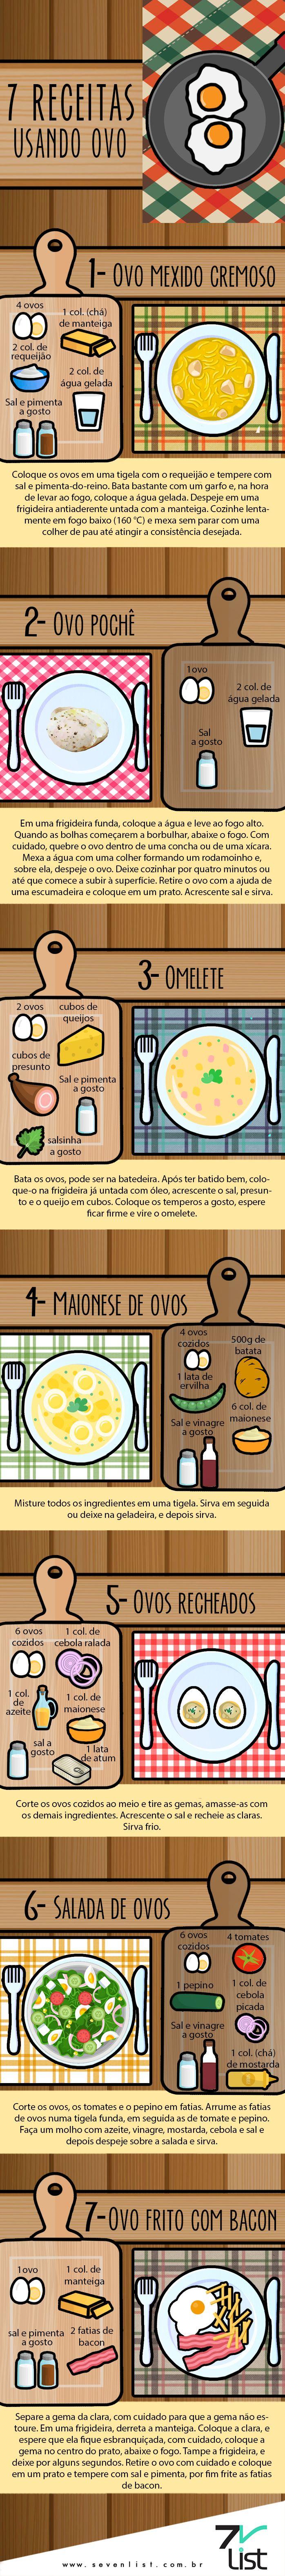 @cabidecolorido #List #Lista #Illustration #Desenho #Infográfico #Infographic #SevenList #Egg #Recipe #Food  #Receitas #Alimentação #Culinária #Ovo #Ingredientes #Ovomexido #Ovopochê #Omelete #Maionesedeovos #Maionese #Ovosrecheados #Saladadeovos #Salada #Ovofritocombacon #Ovofrito #Bacon